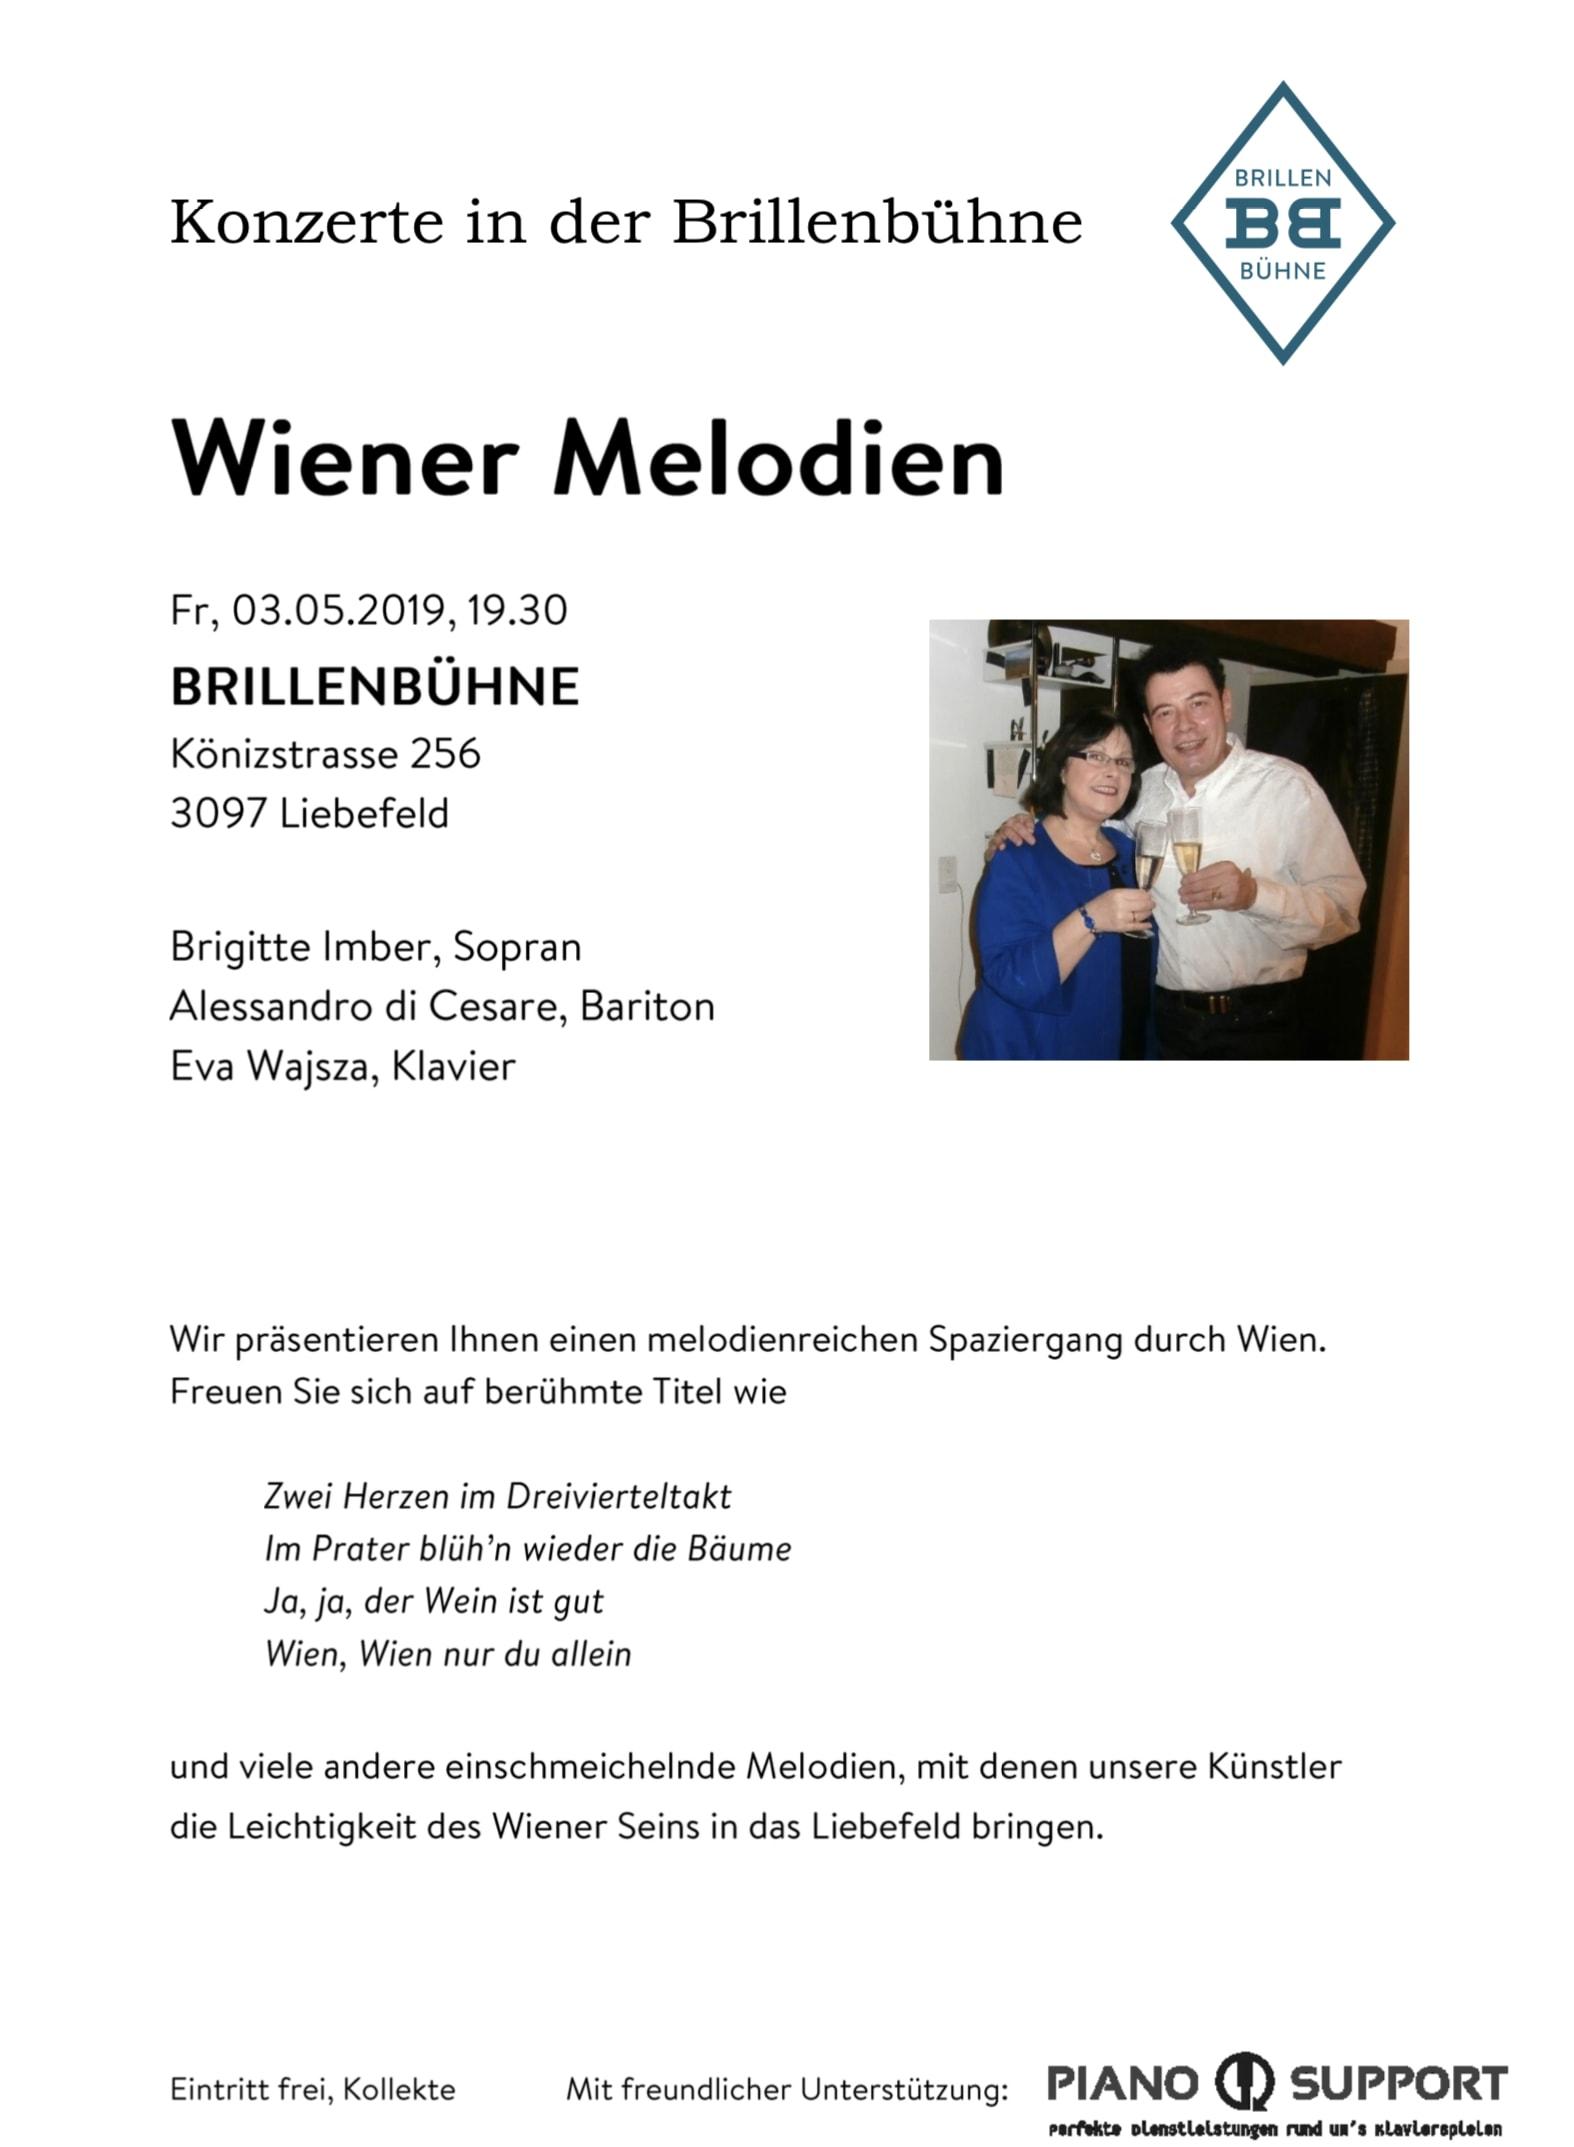 Wiener Melodien bei BRILLENBÜHNE